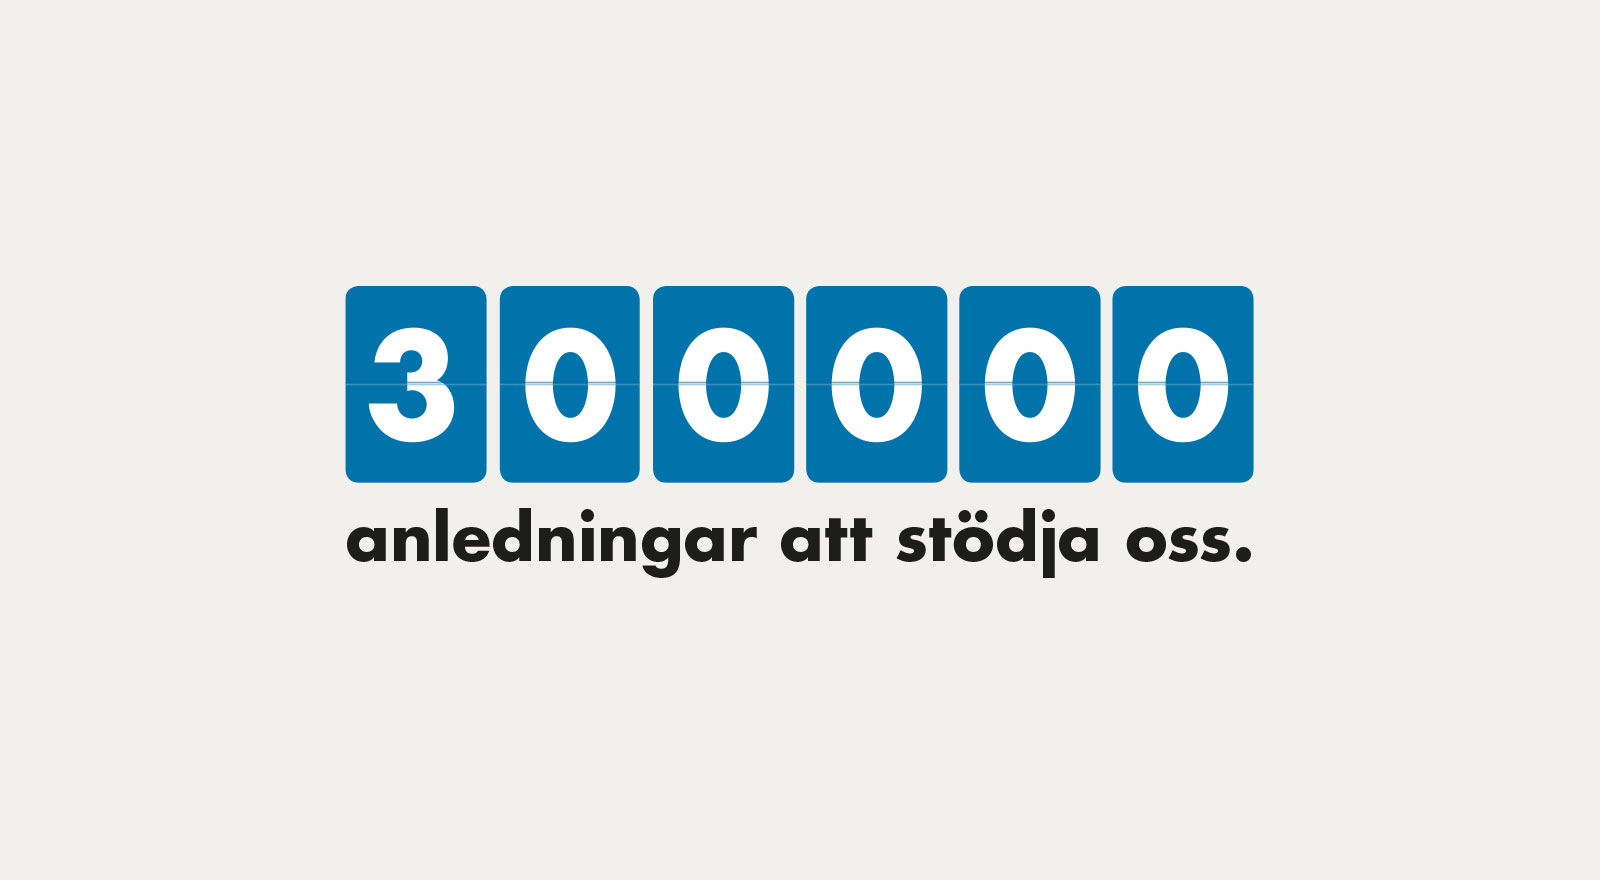 300 000 anledningar att stödja oss